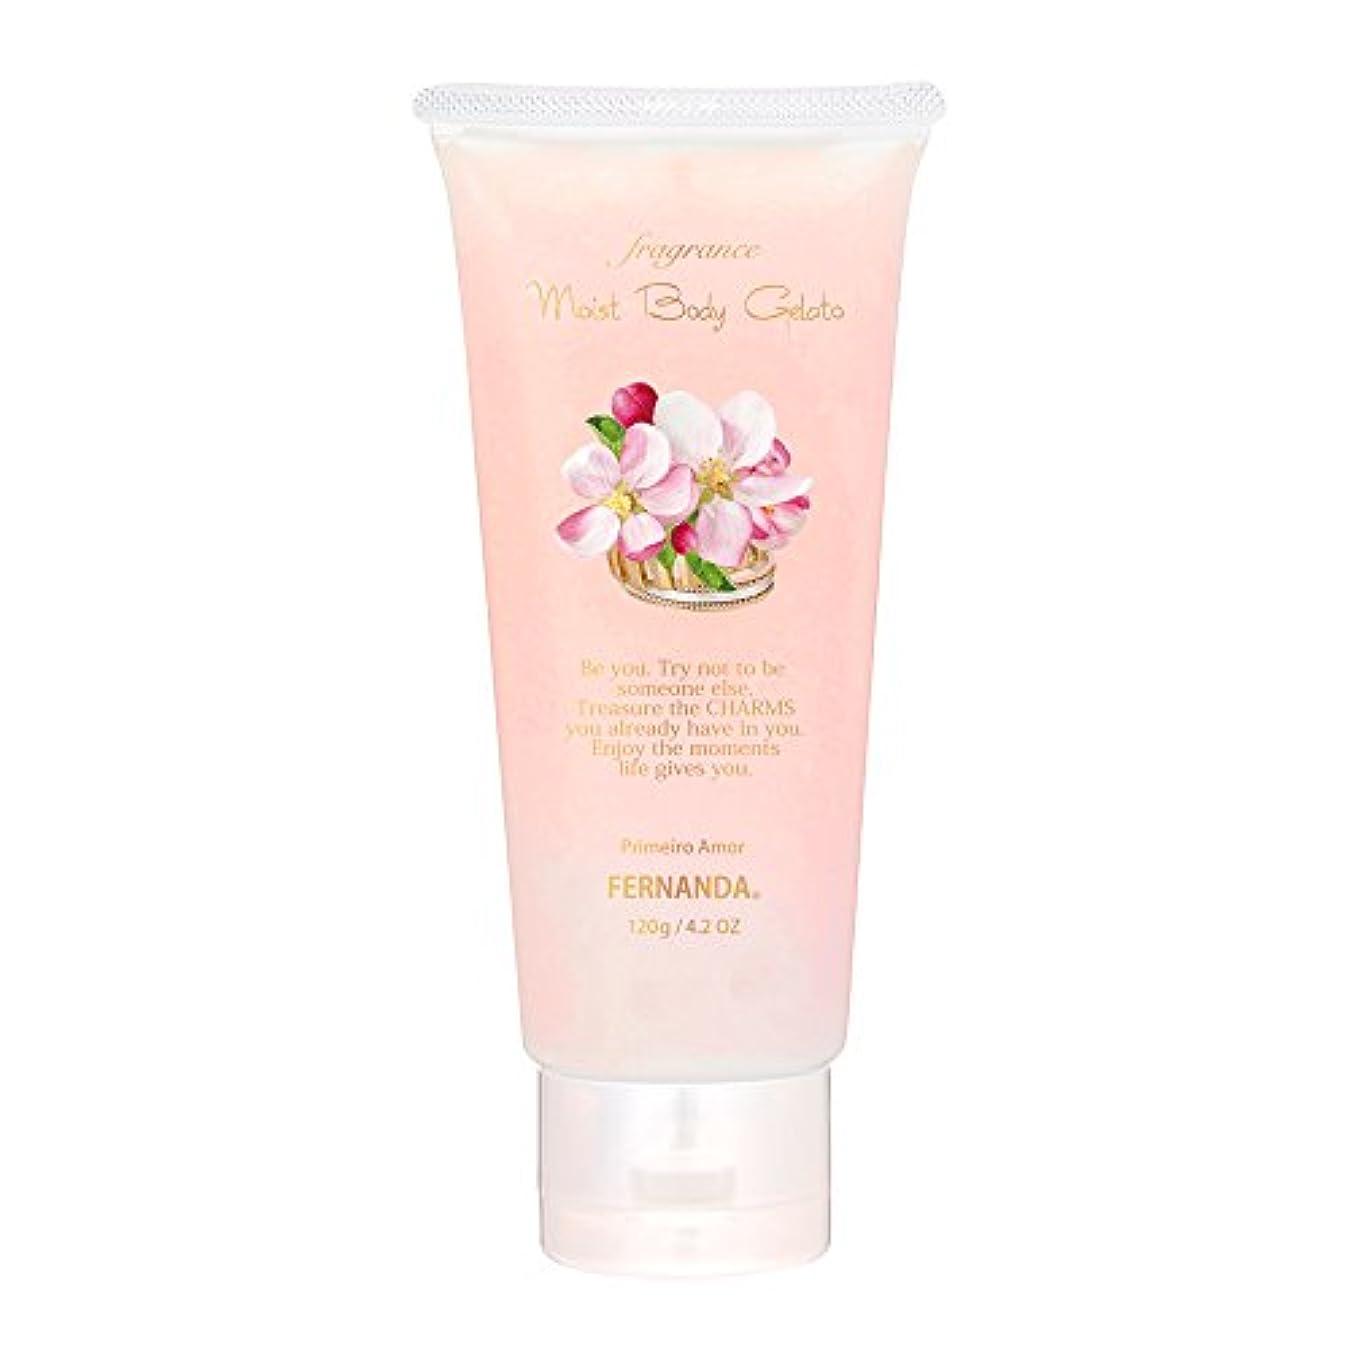 関税こっそりホイップFERNANDA(フェルナンダ) Fragrance Moist Body Gelato Primeiro Amor (モイストボディジェラート プリメイロアモール)